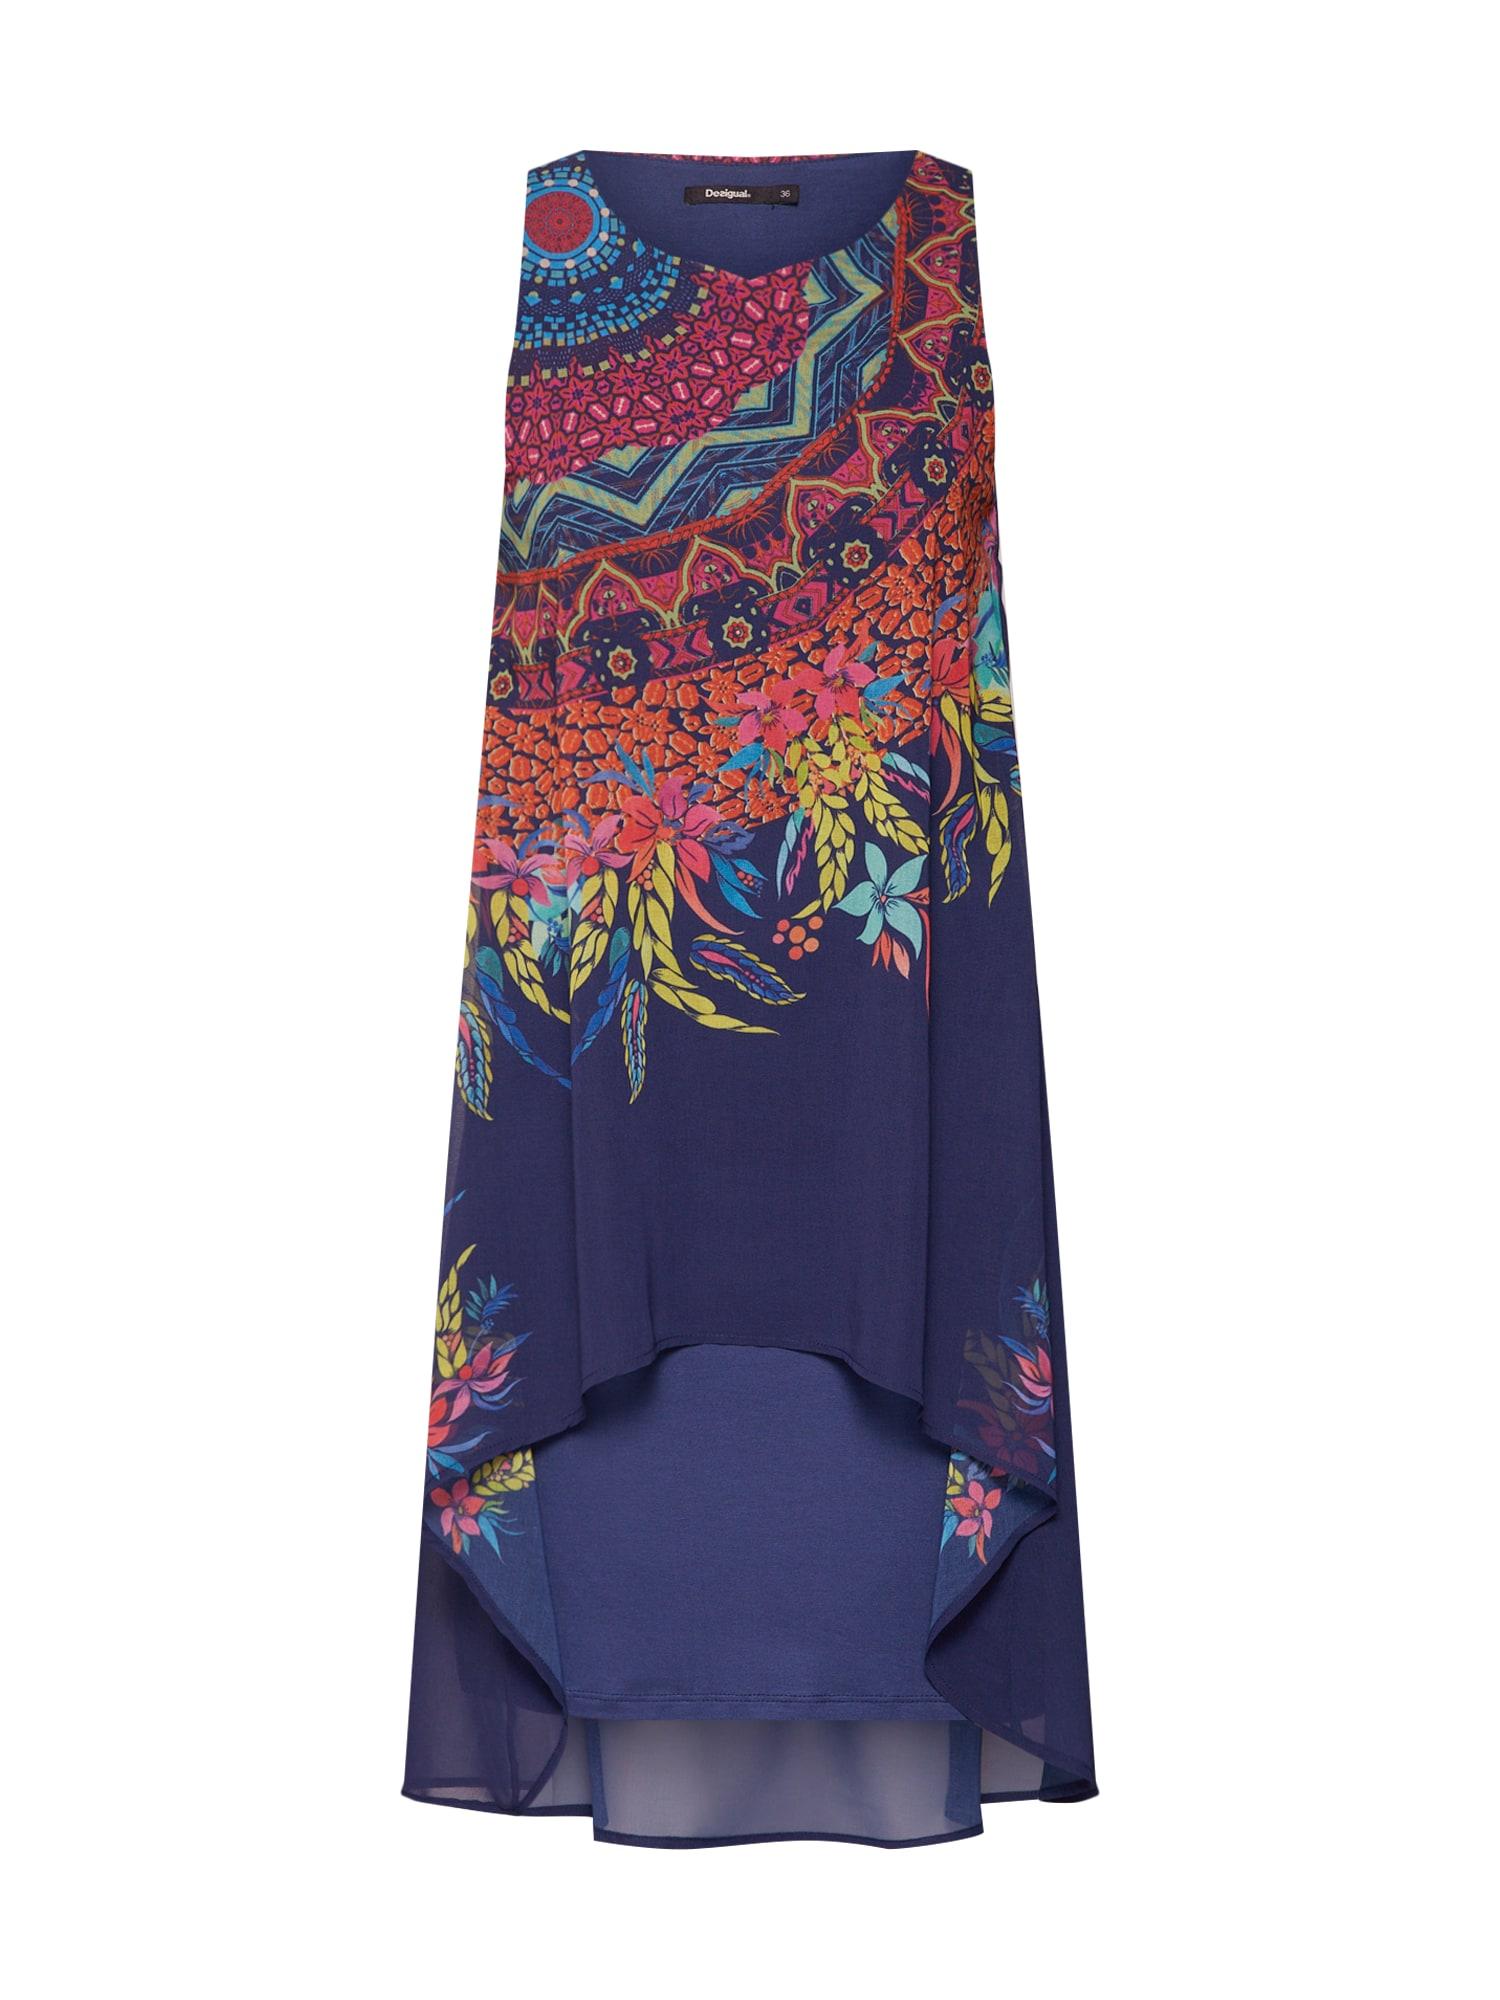 Šaty VEST_ADRI námořnická modř mix barev Desigual